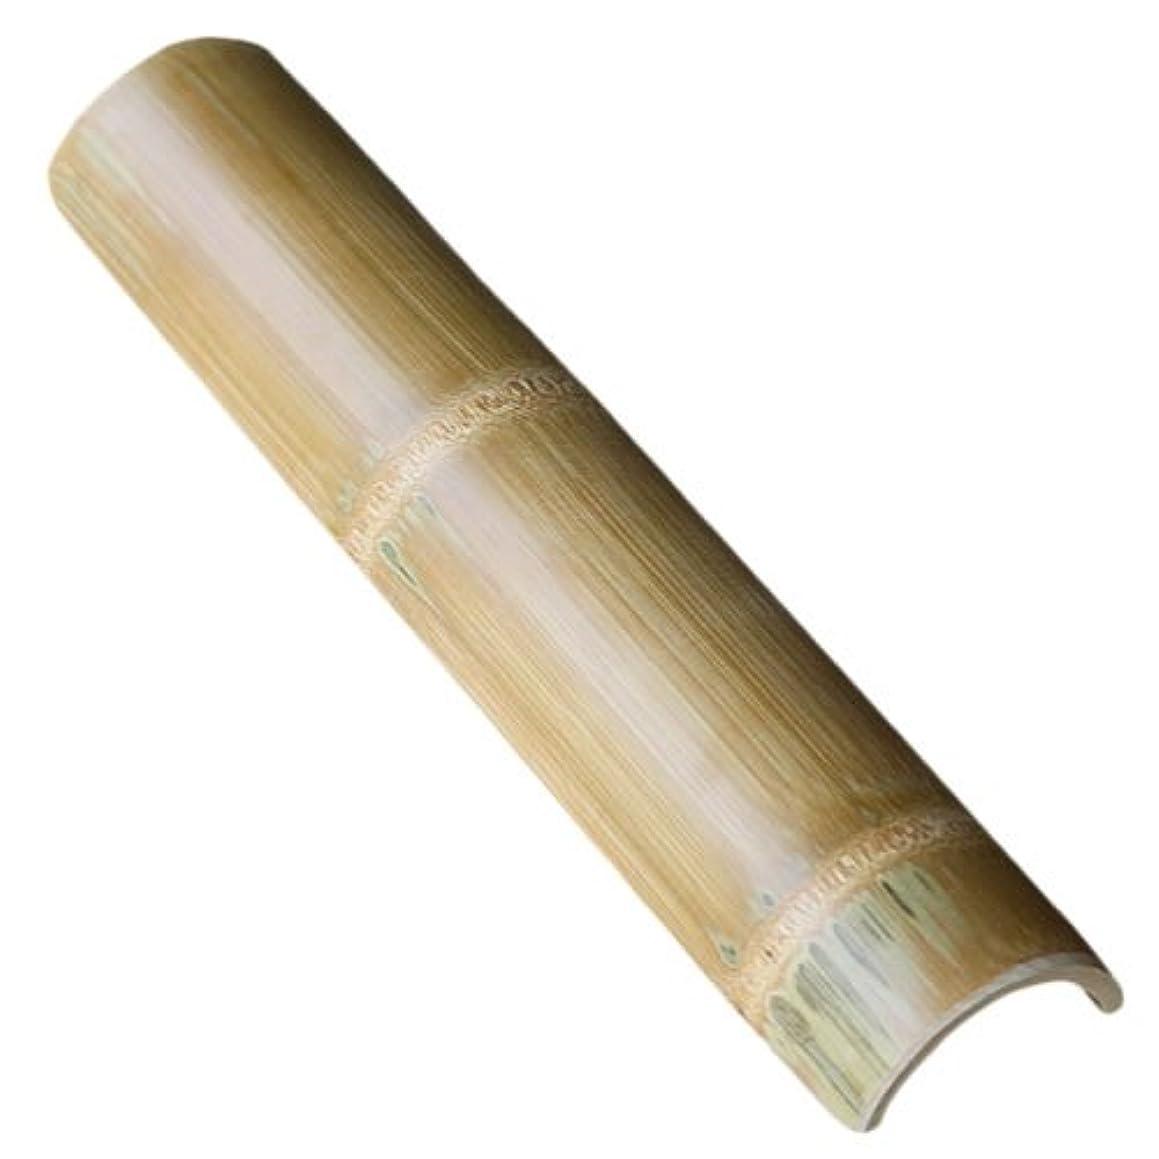 クラック打撃白菜【国産】炭化竹踏み 青竹を炭化加工して防虫、防カビ効果を向上させて美しく磨き上げた丈夫な二節付の竹踏み